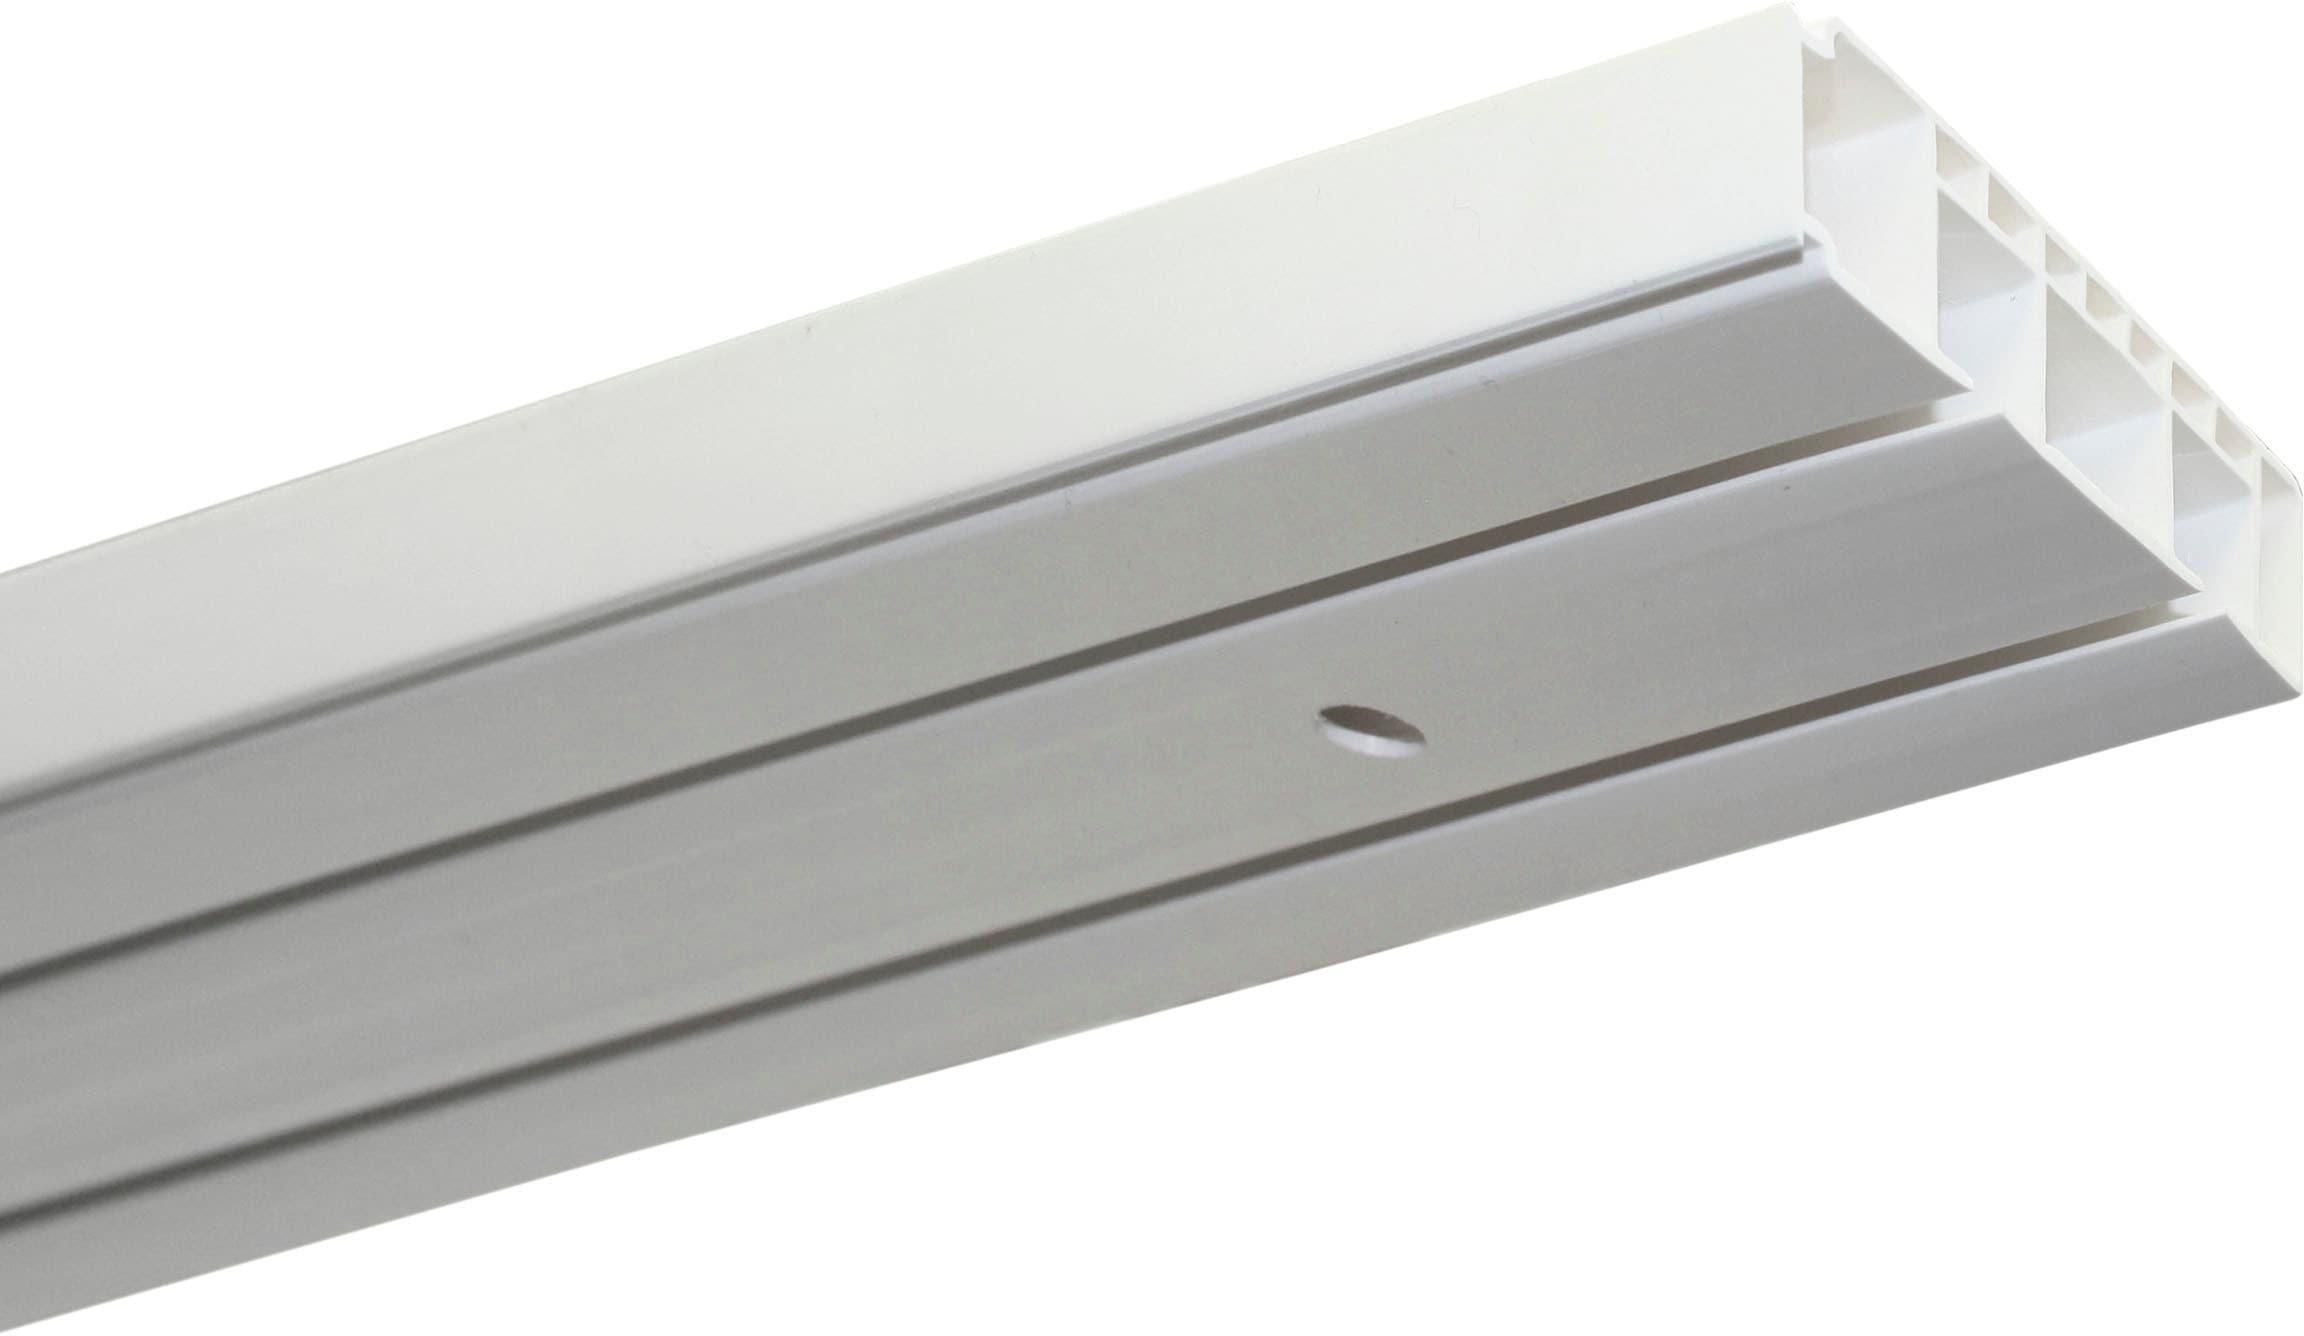 GARDINIA Gardinenschiene Vorhangschienen Set GK2, 2 läufig-läufig, Fixmaß weiß Gardinenschienen Gardinen Vorhänge